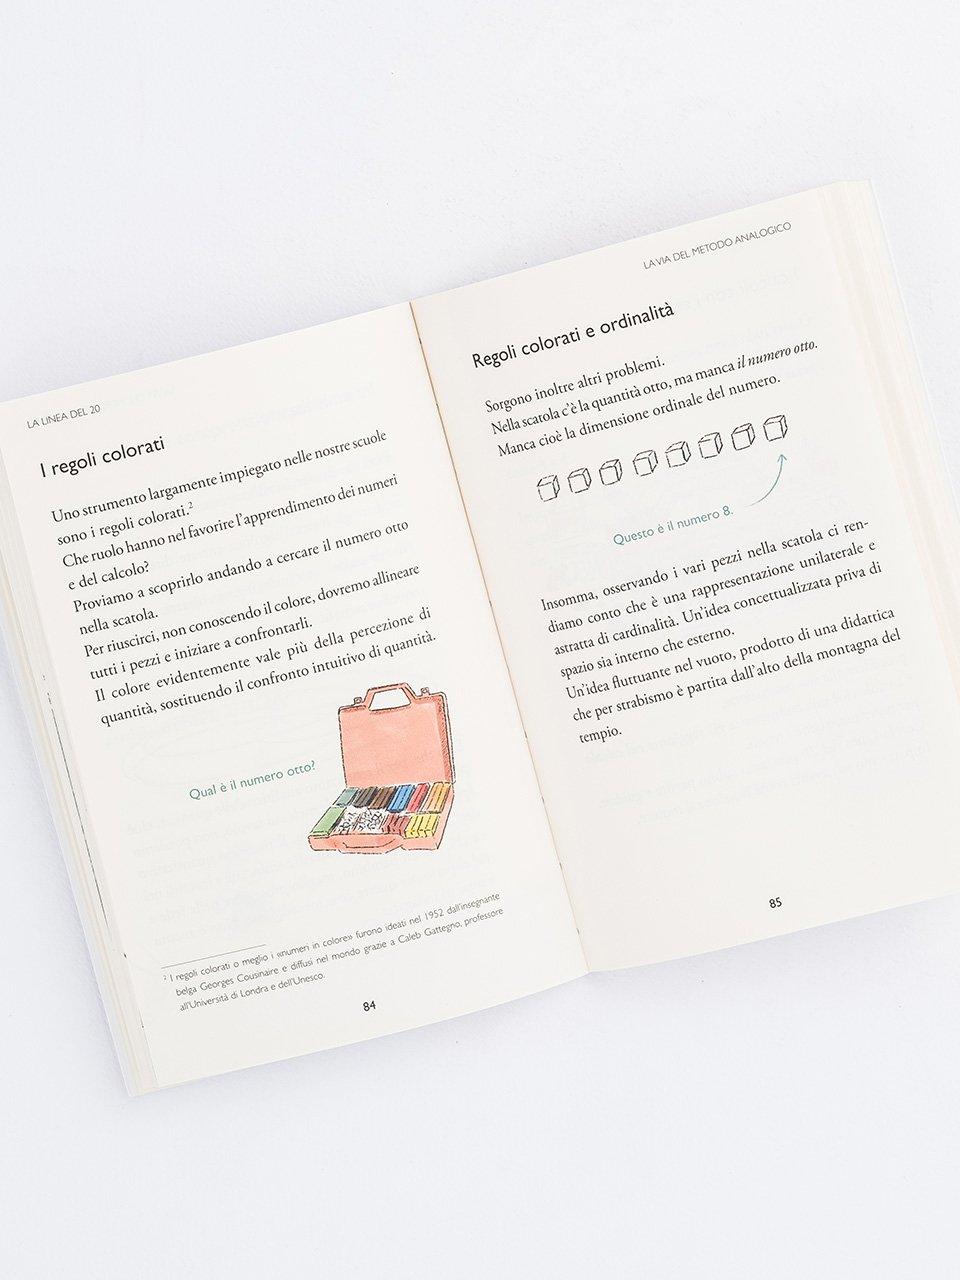 La via del metodo analogico - Libri - Erickson 2